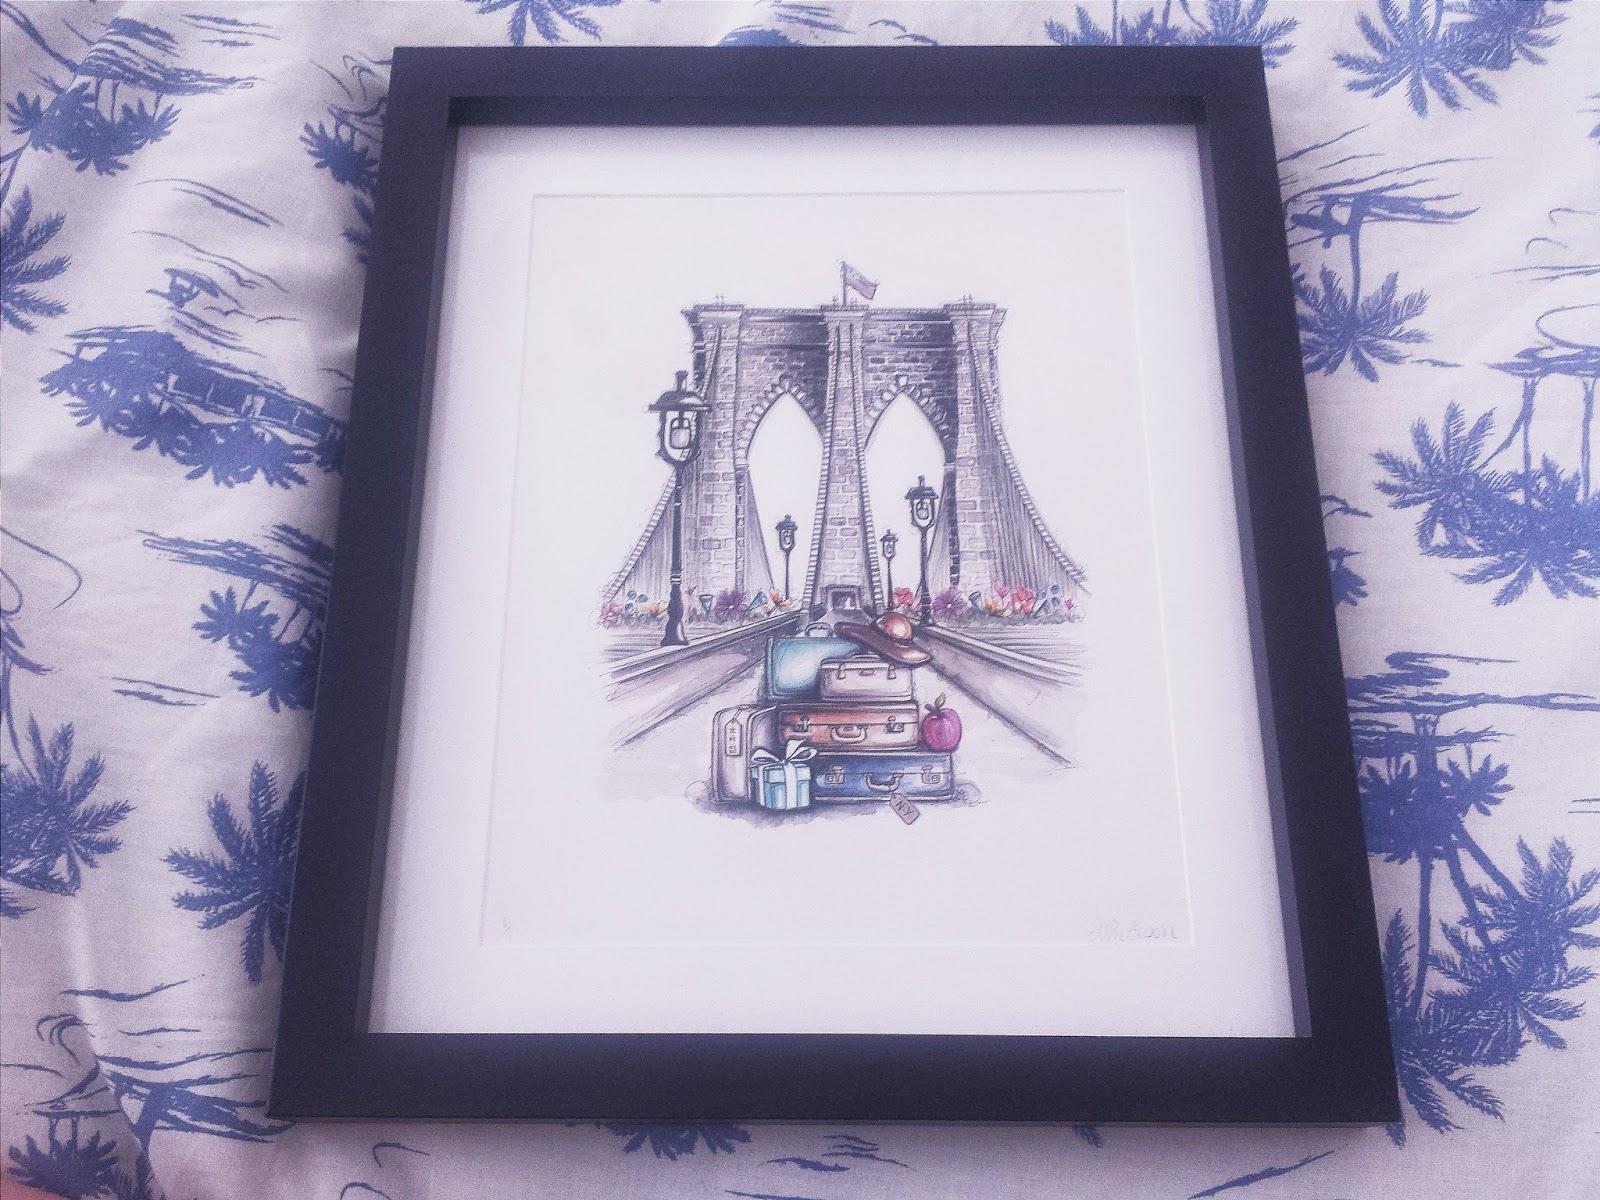 Natalie Elson Paint Pallet Framed Artwork